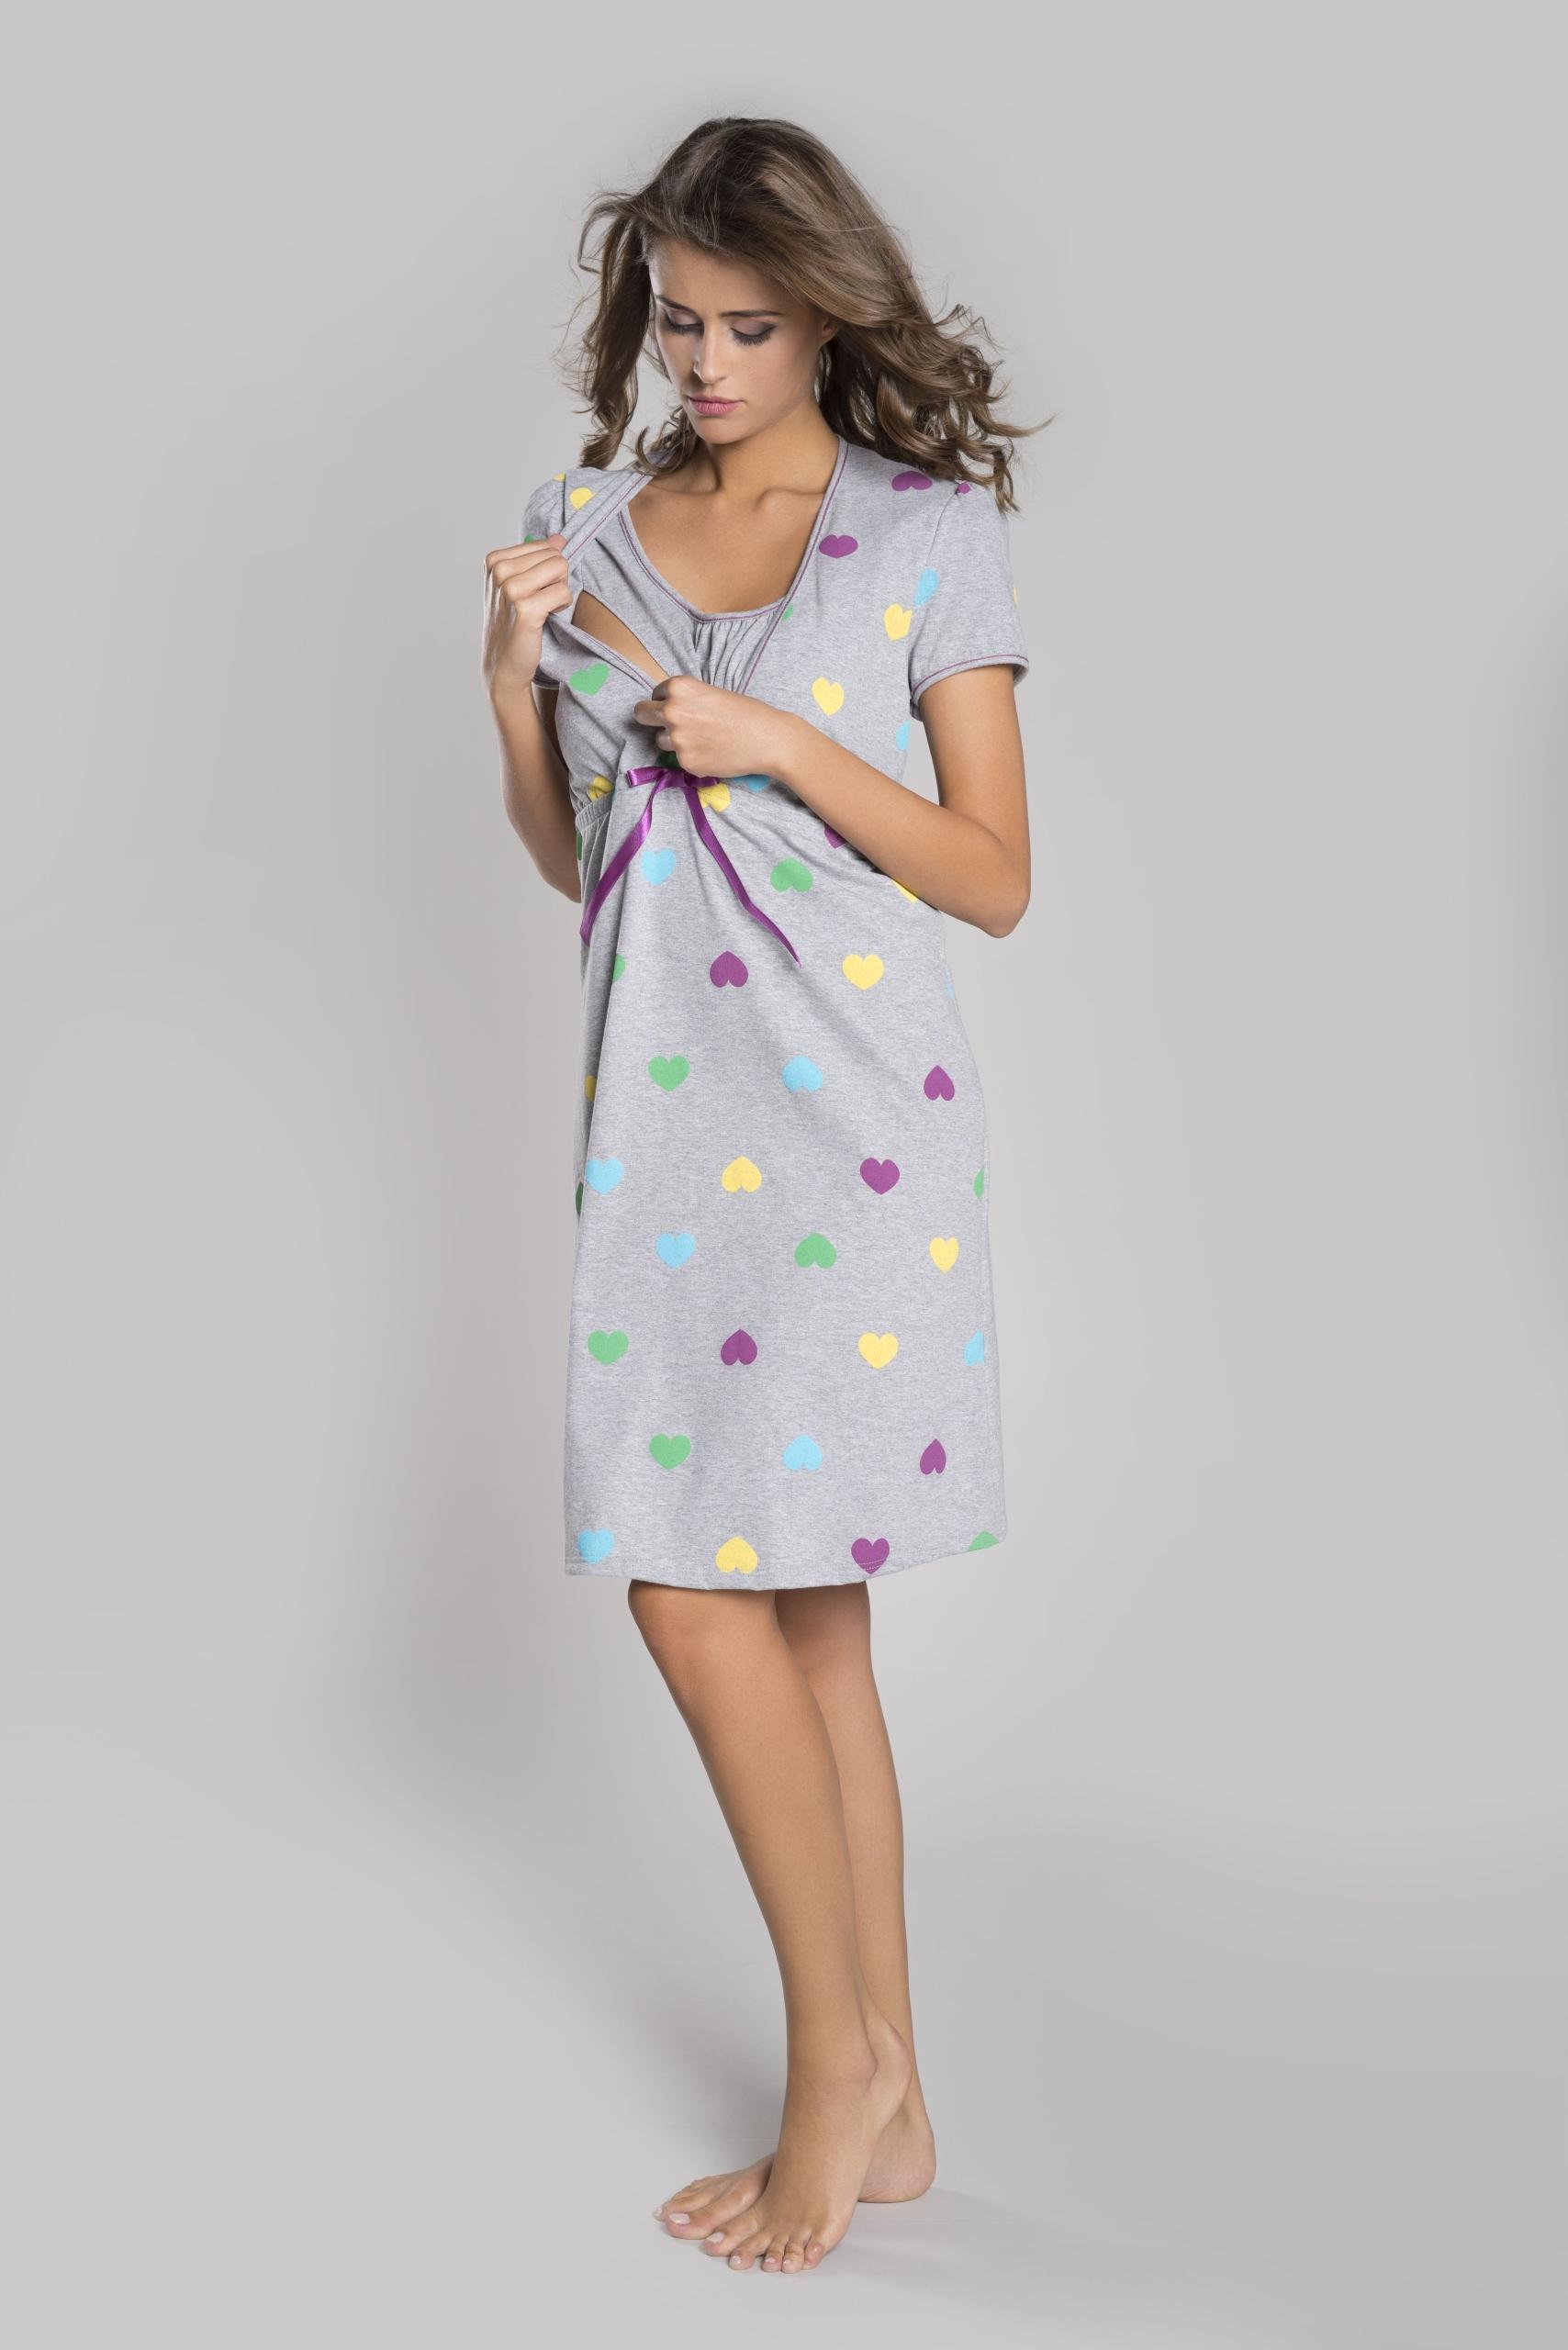 dffcc293cf9830 Italian Fashion Koszula do Karmienia Alla Szara M - 7502095293 ...